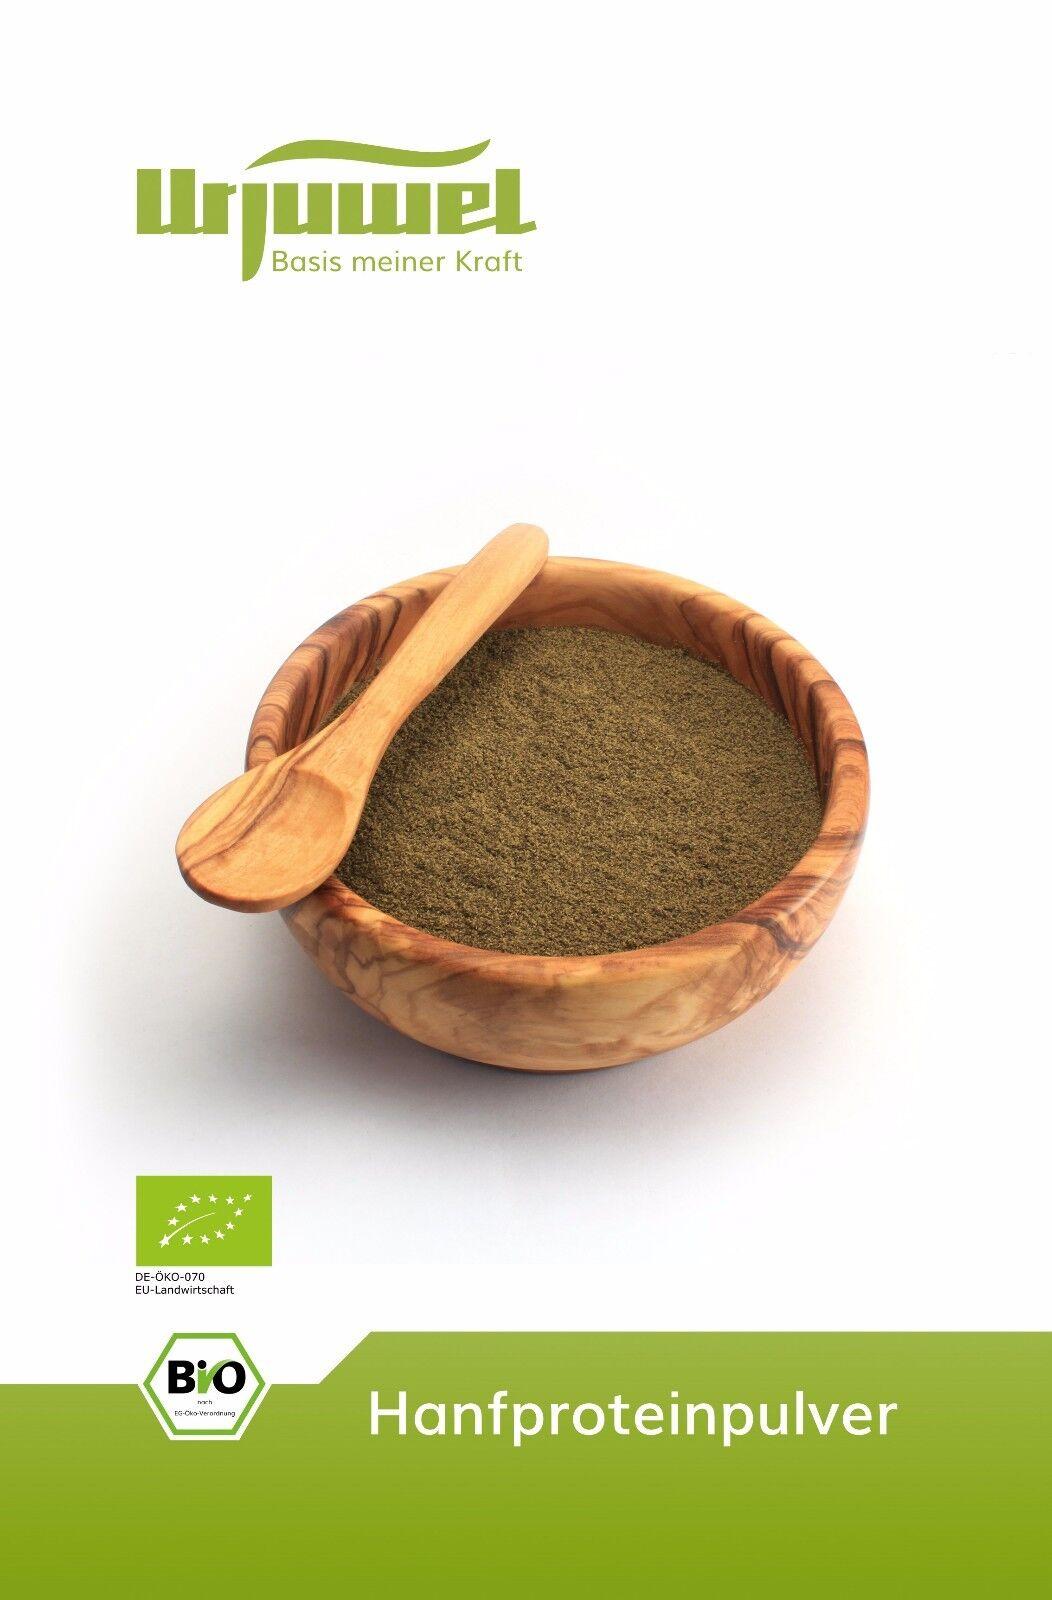 SALE: 5kg BIO Hanfprotein aus dem Allgäu: 42% Protein ○ kaltgepresst ○ vegan